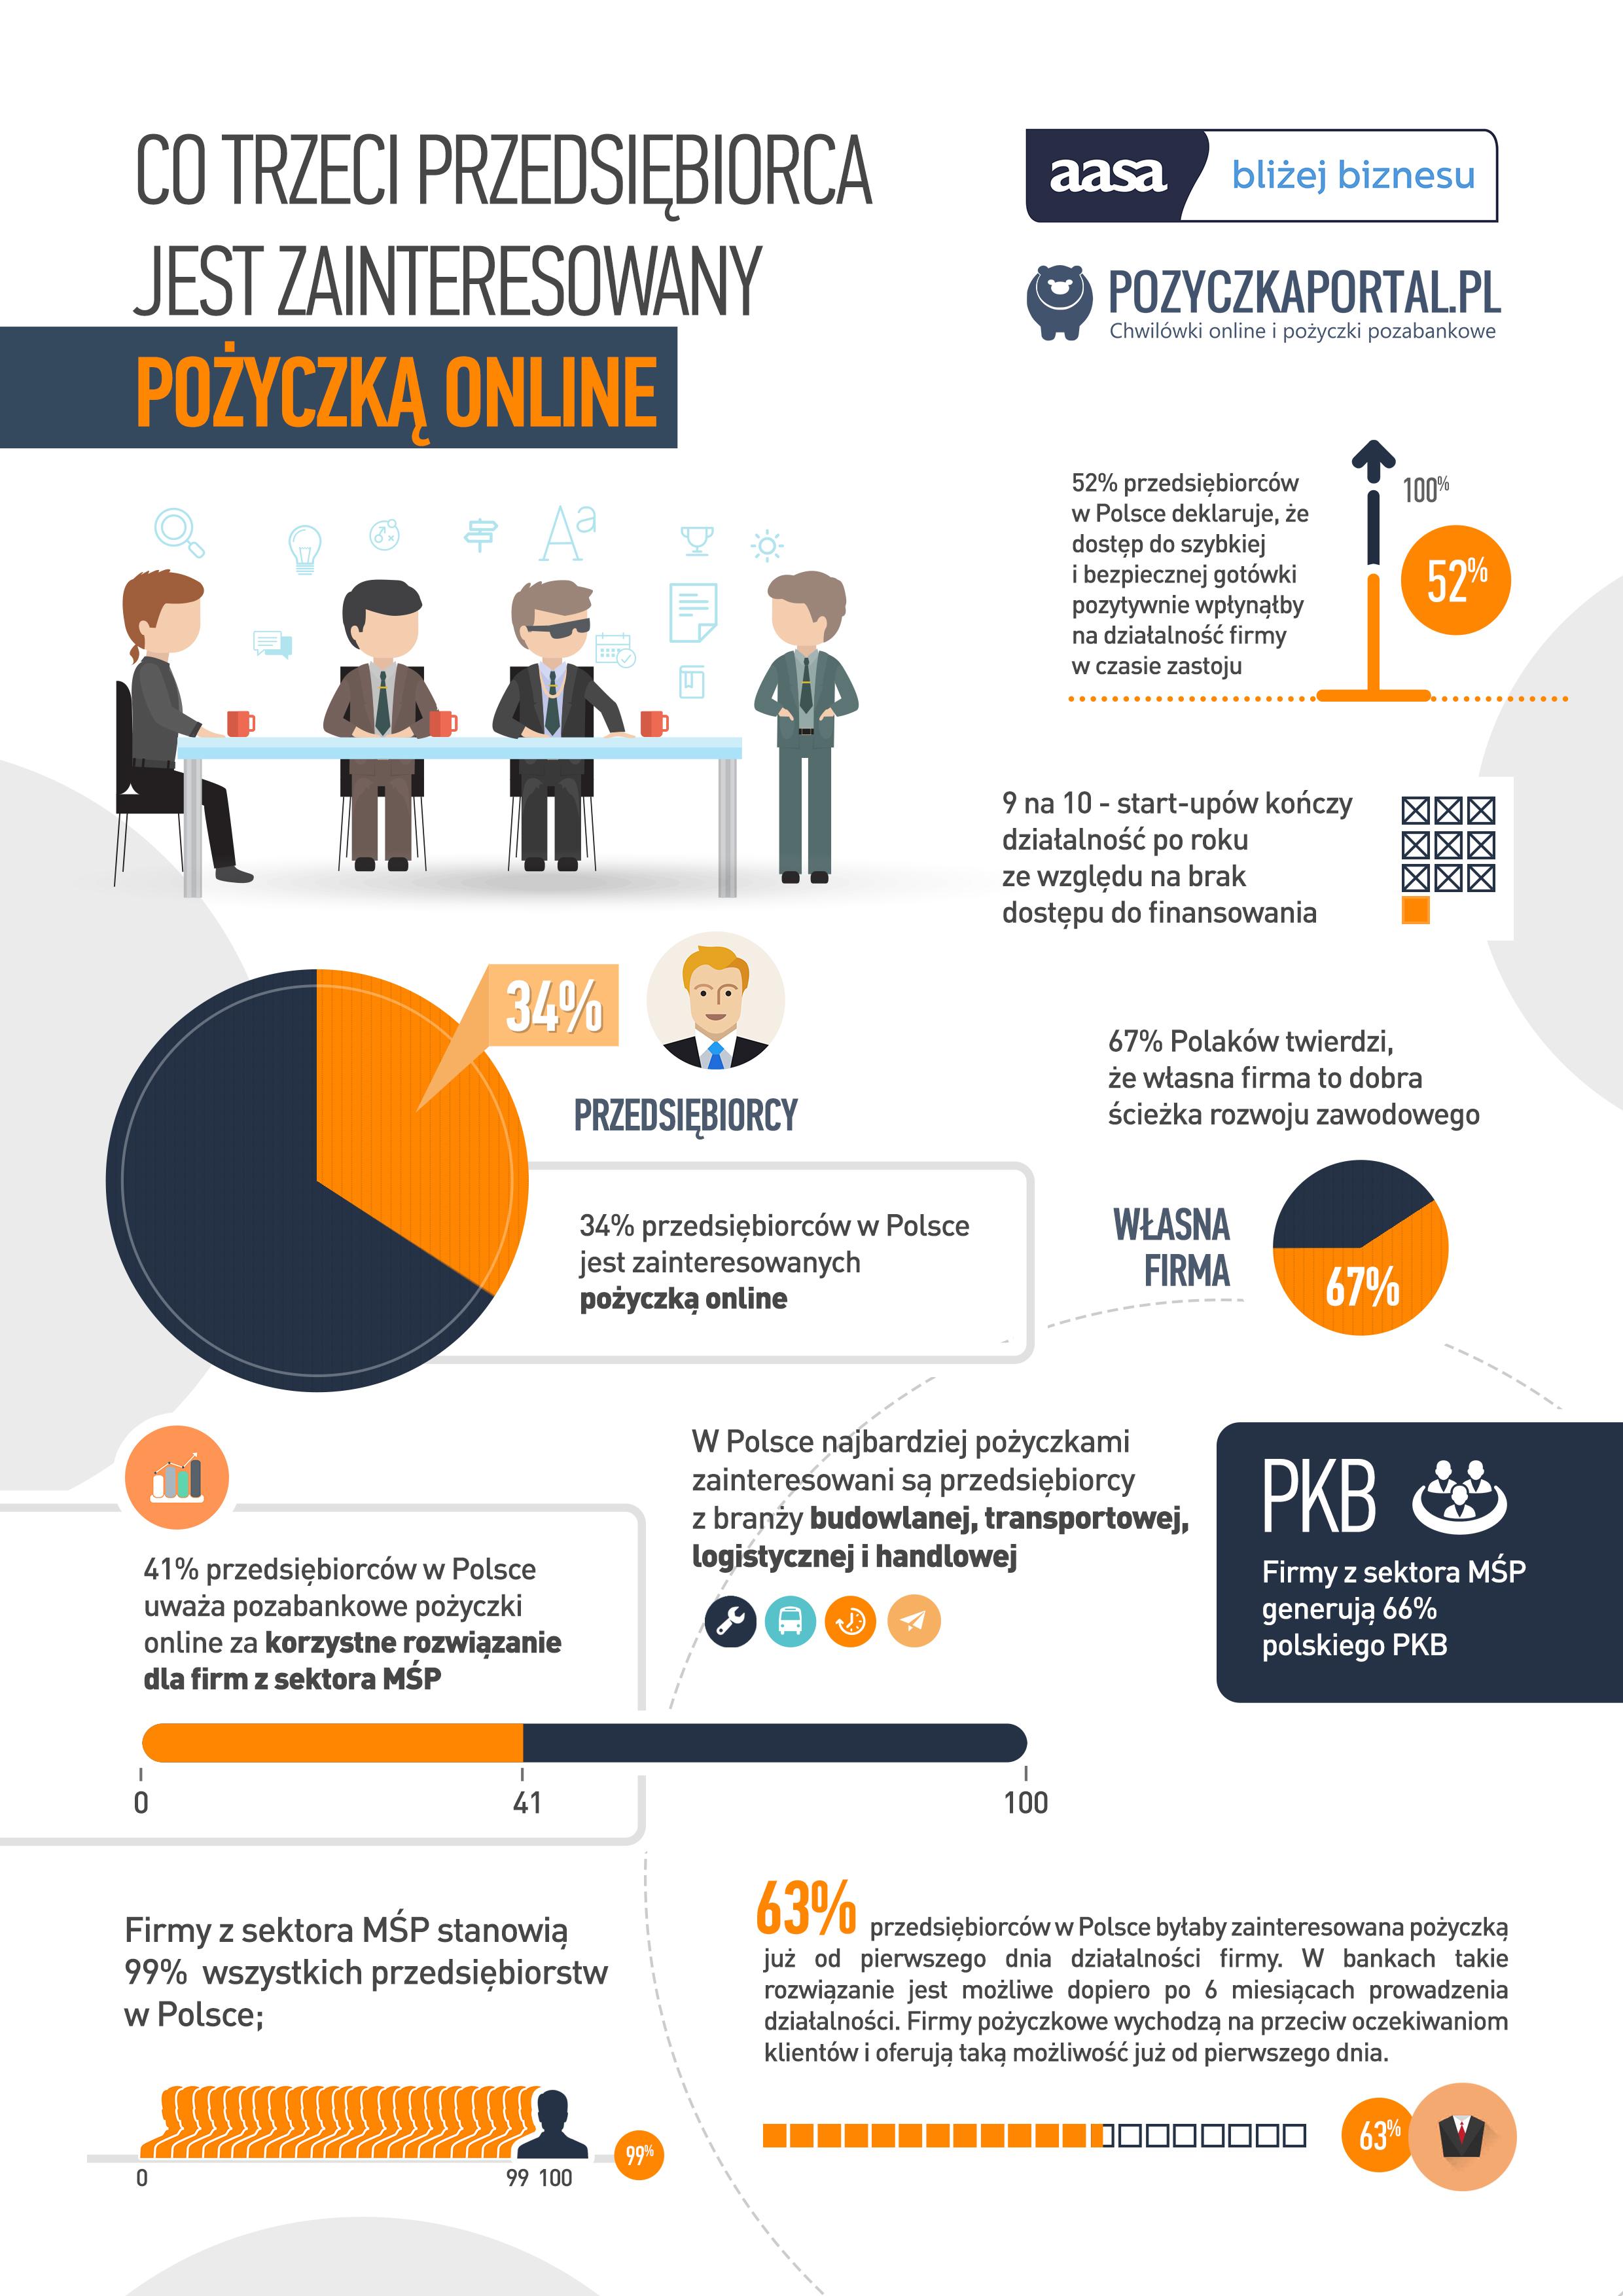 Infografika przedstawiająca zapotrzebowanie na pożyczki w Sektorze MŚP